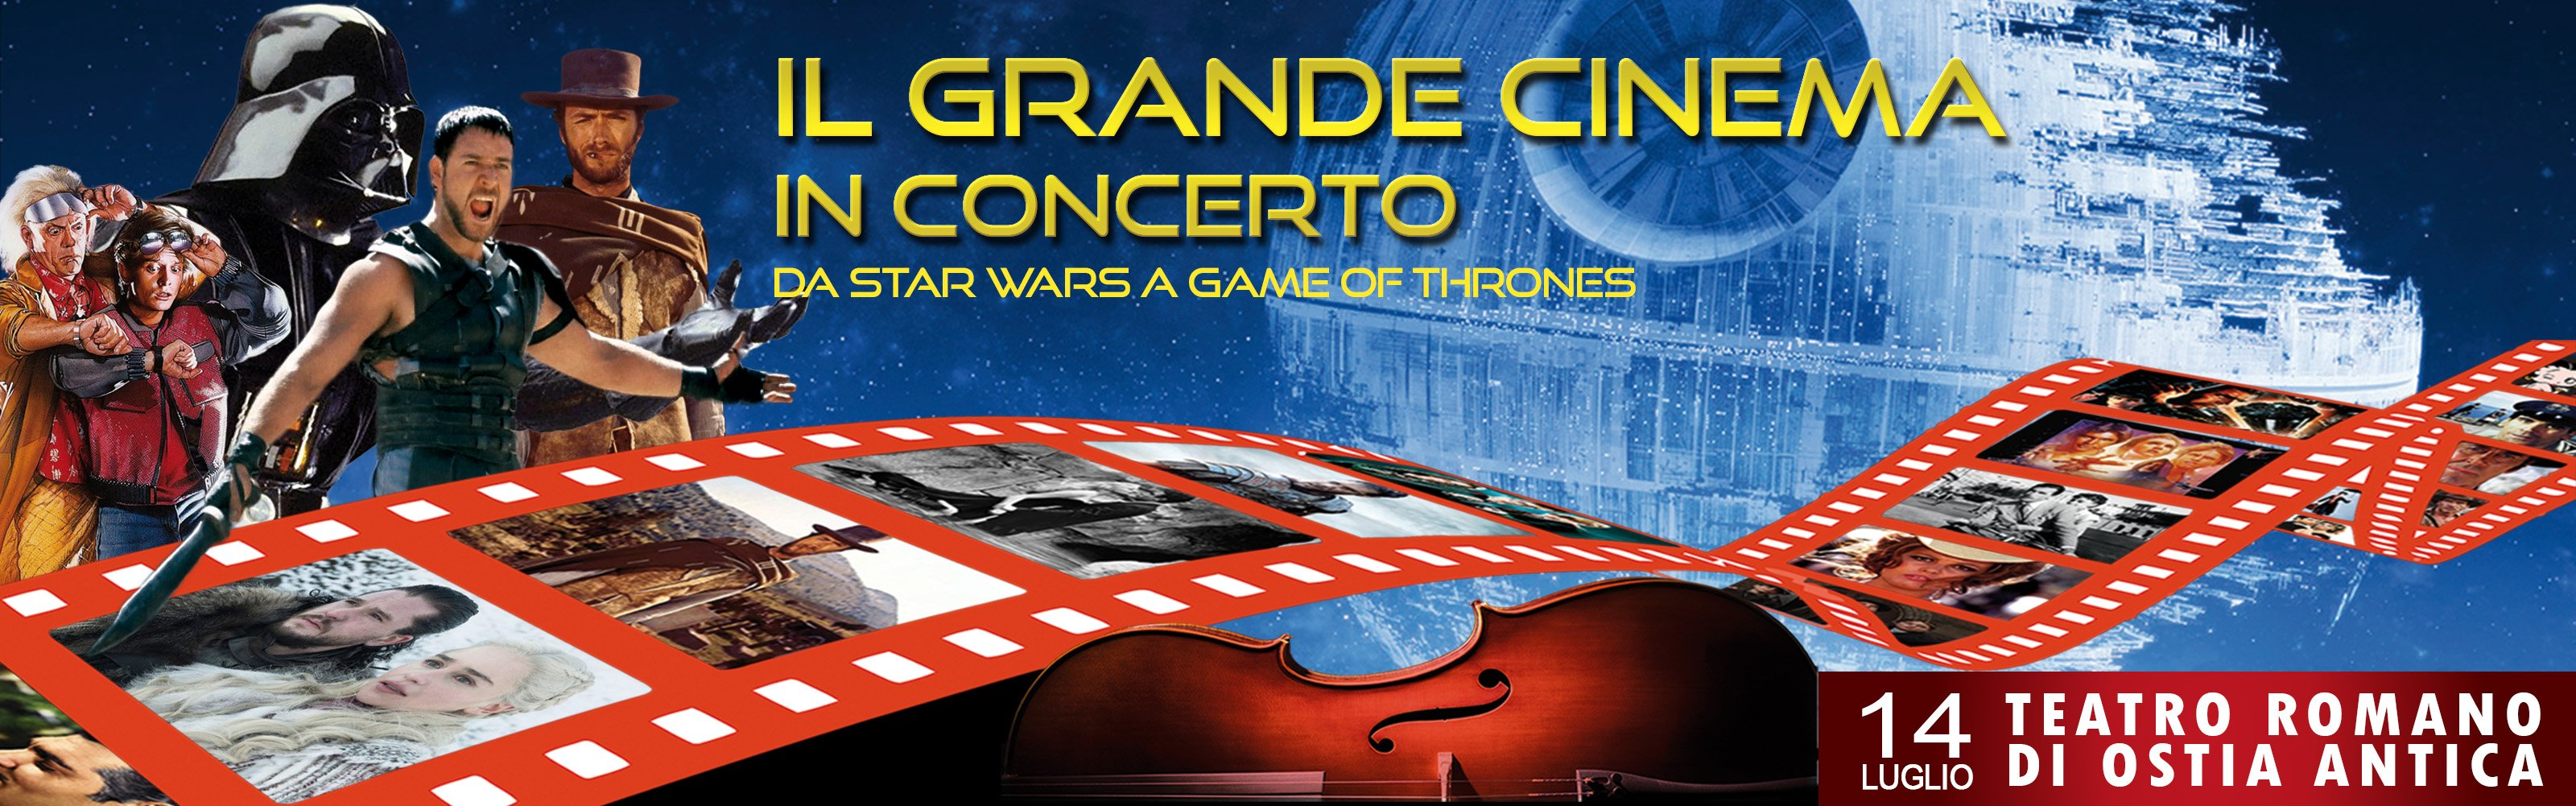 Il grande cinema in concerto Teatro Romano Ostia Antica